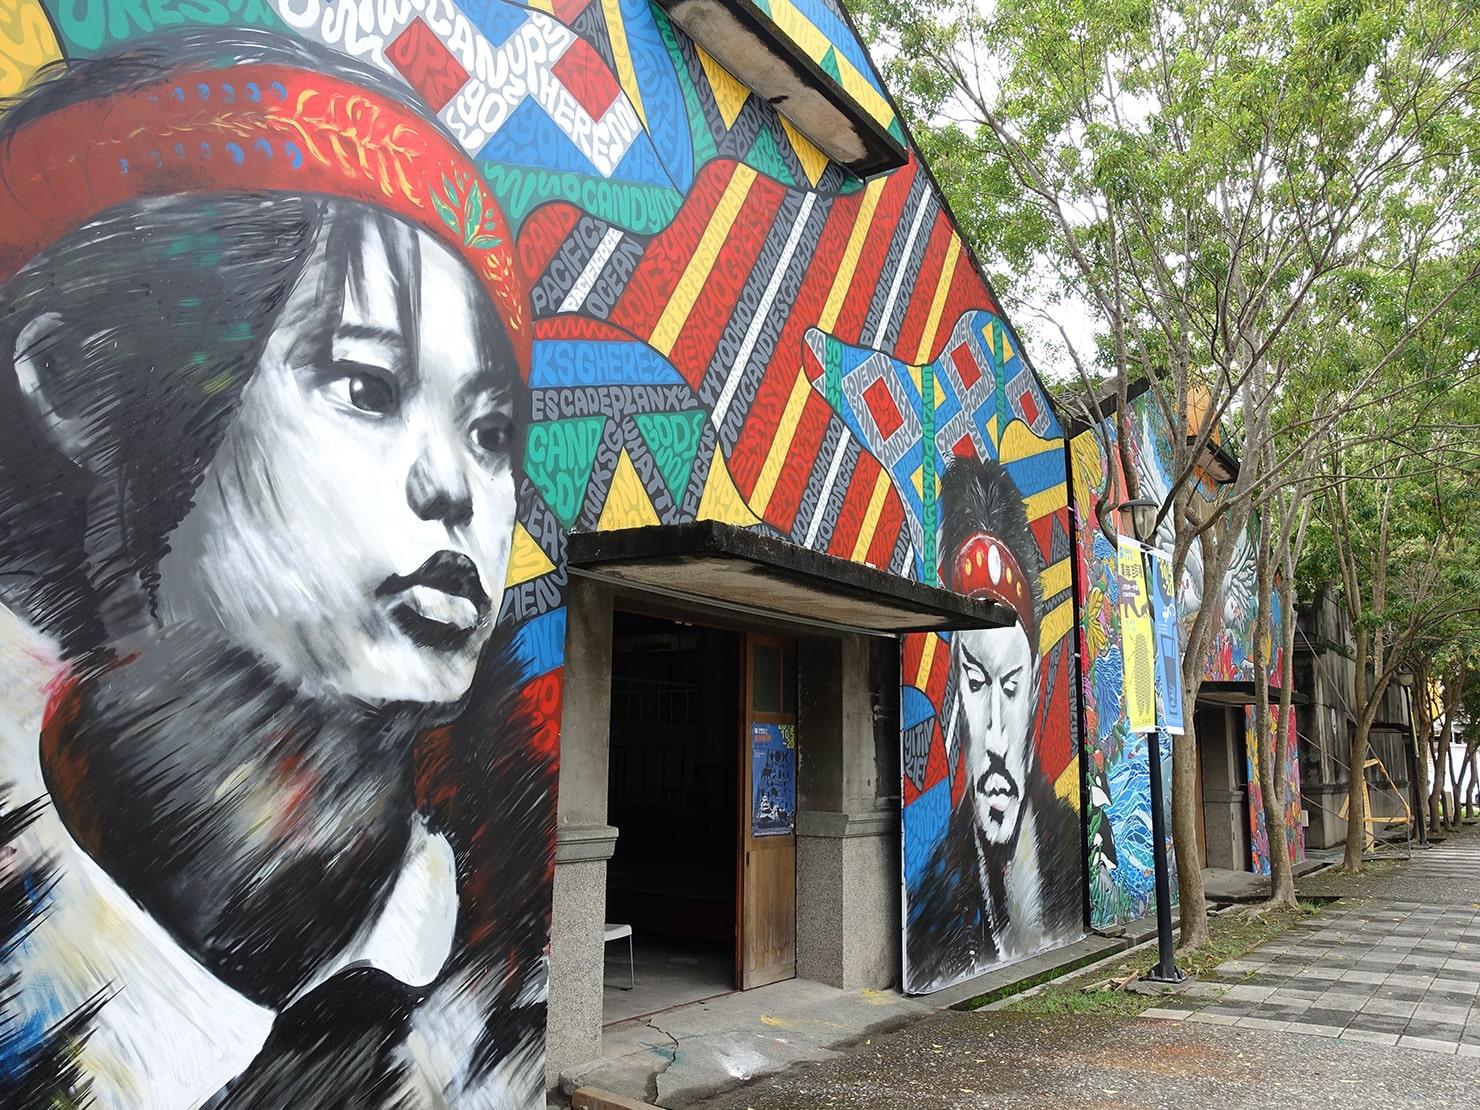 台湾・花蓮のおすすめ観光スポット「a-zone花蓮文化創意產業園區」の建物壁面に描かれた絵